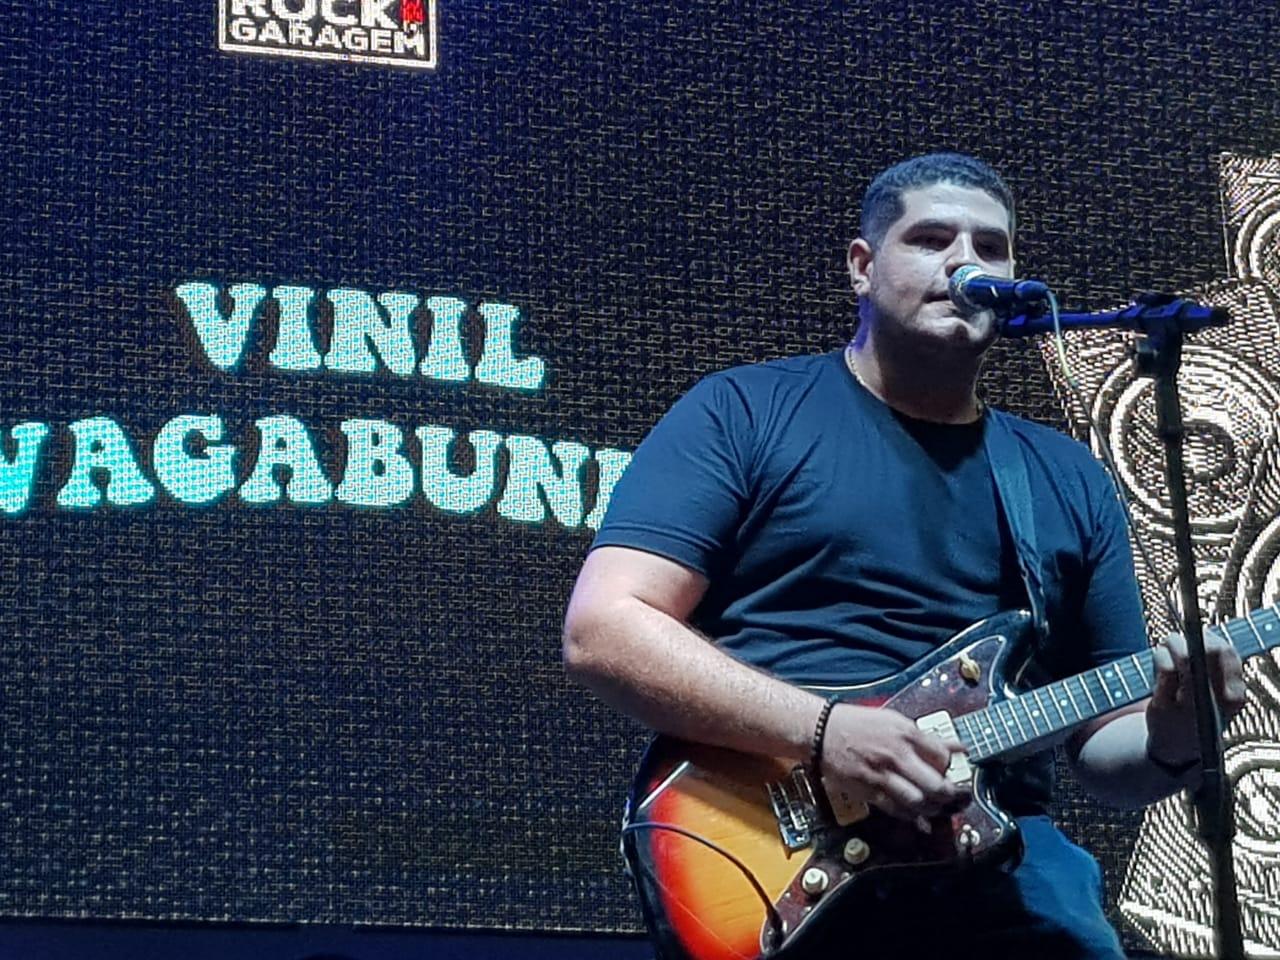 1bd0fb1a 00e7 48db a07b 56484043bc19 - Belafel, Vinil Vagabundo e Survivant fazem a final do Festival Rock de Garagem do Mangabeira Shopping